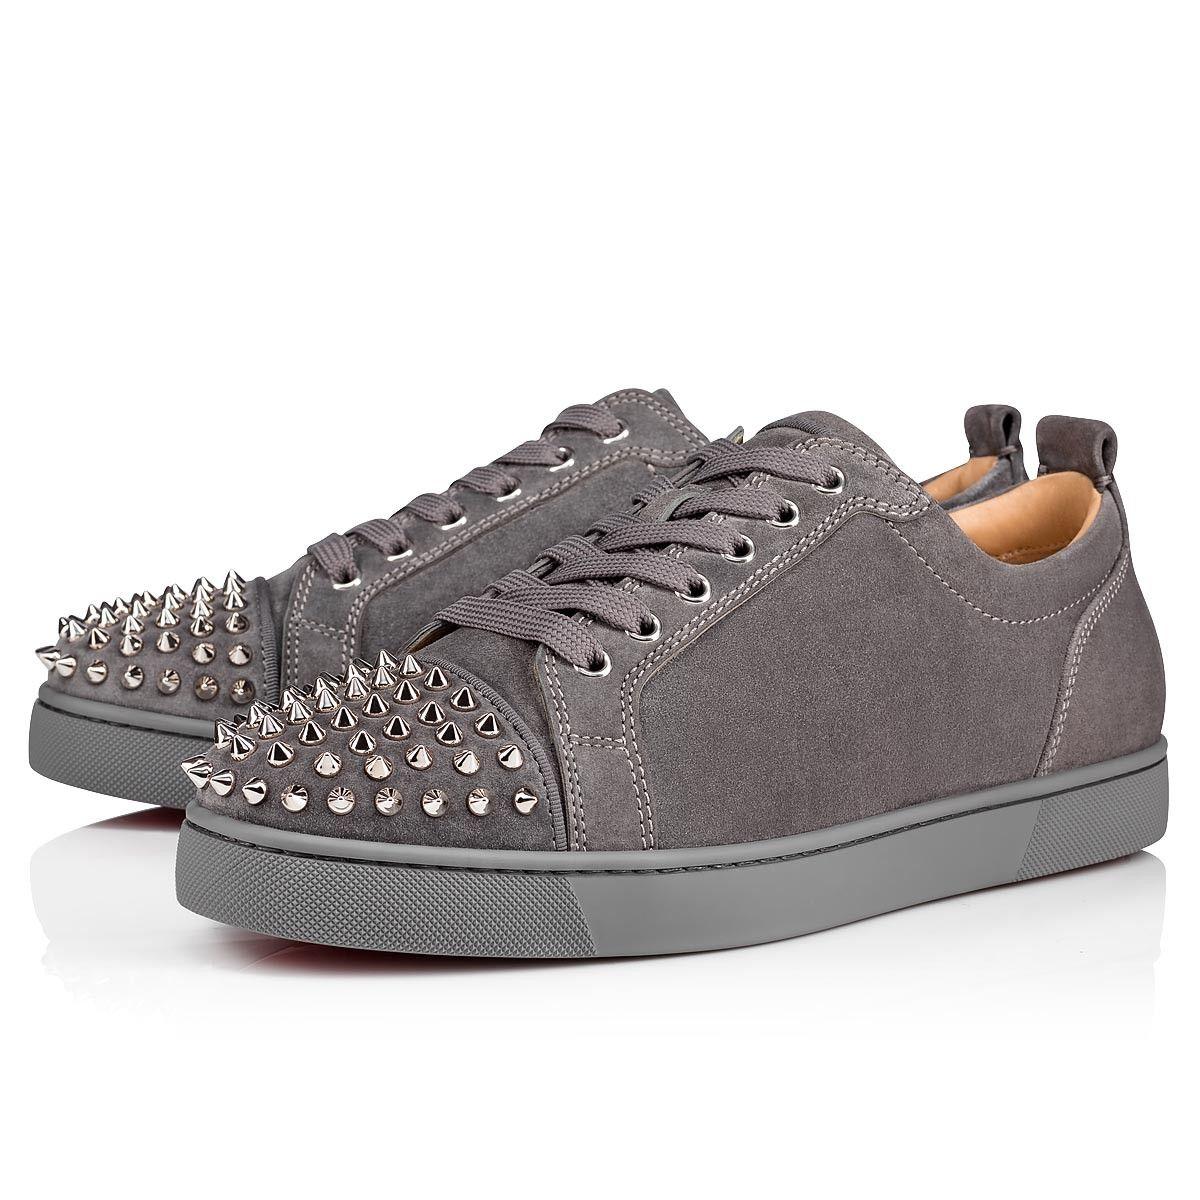 Louis Junior Spikes ShadowSv Suede Men Shoes Christian